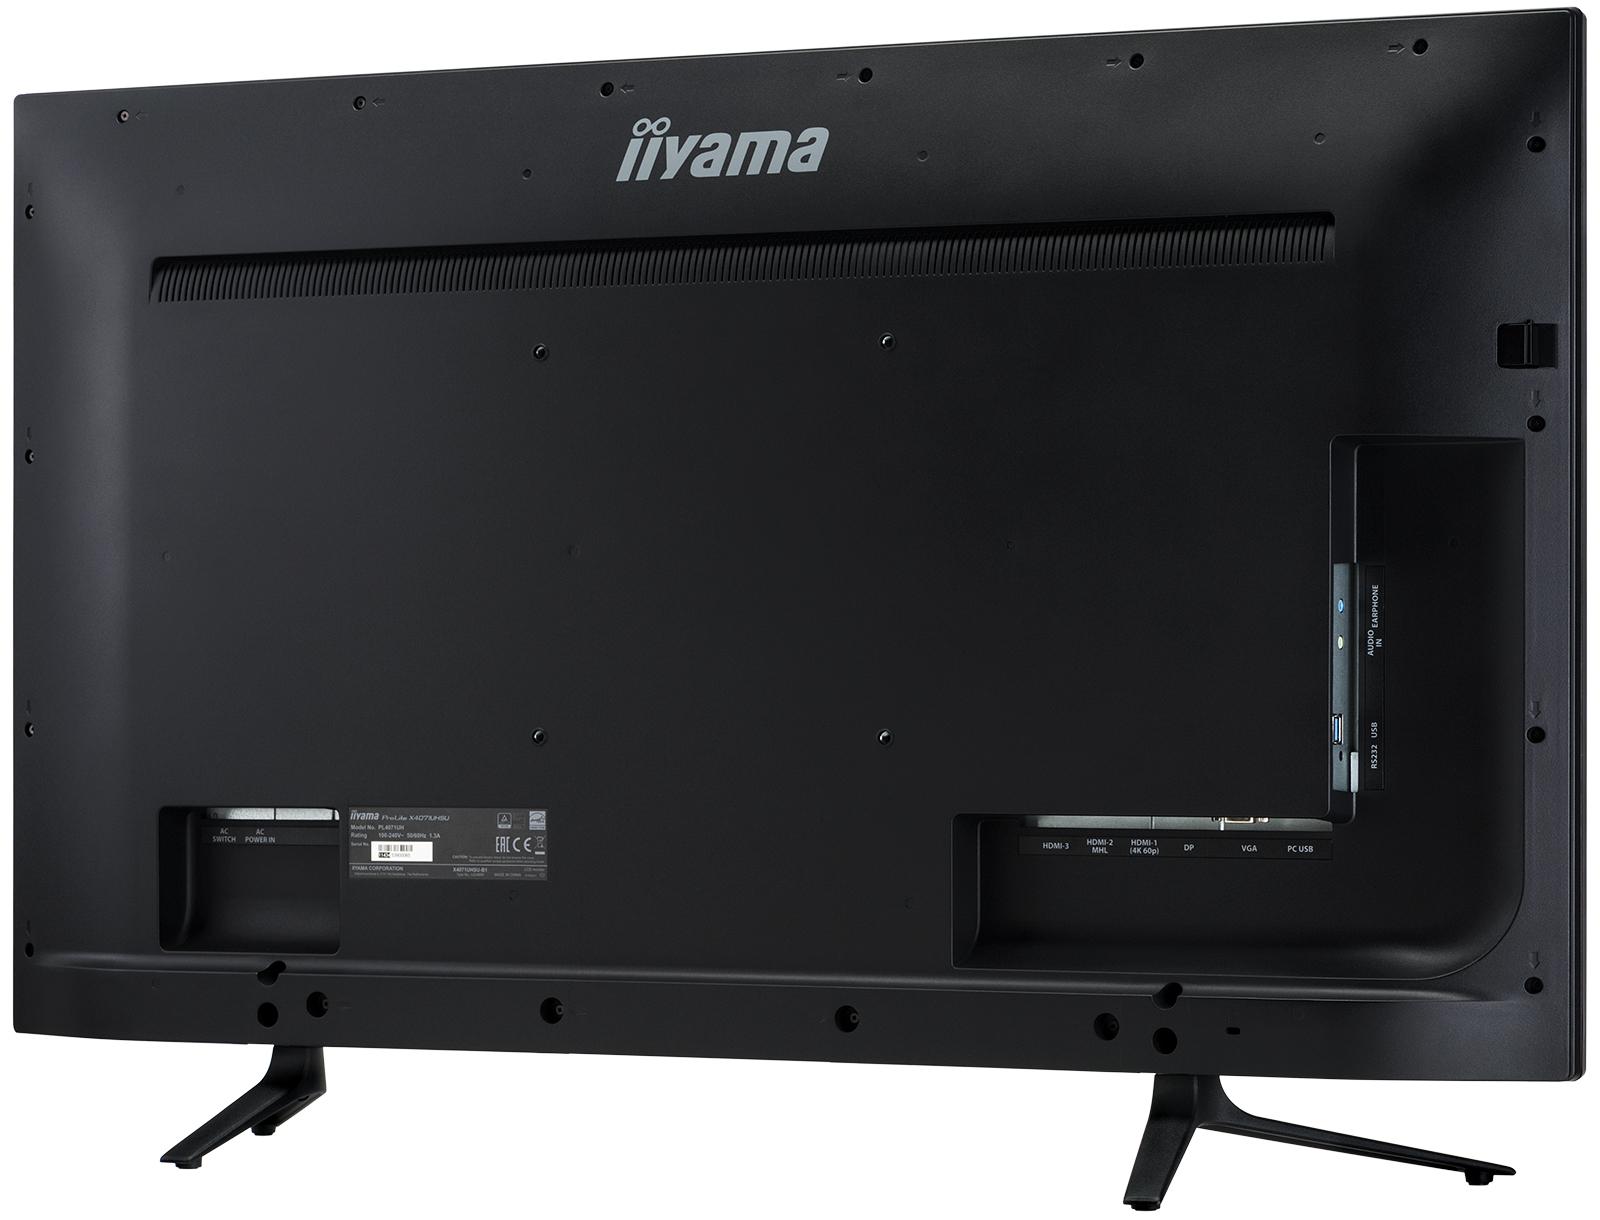 iiyama PROLITE X4071UHSU-B1 mieten